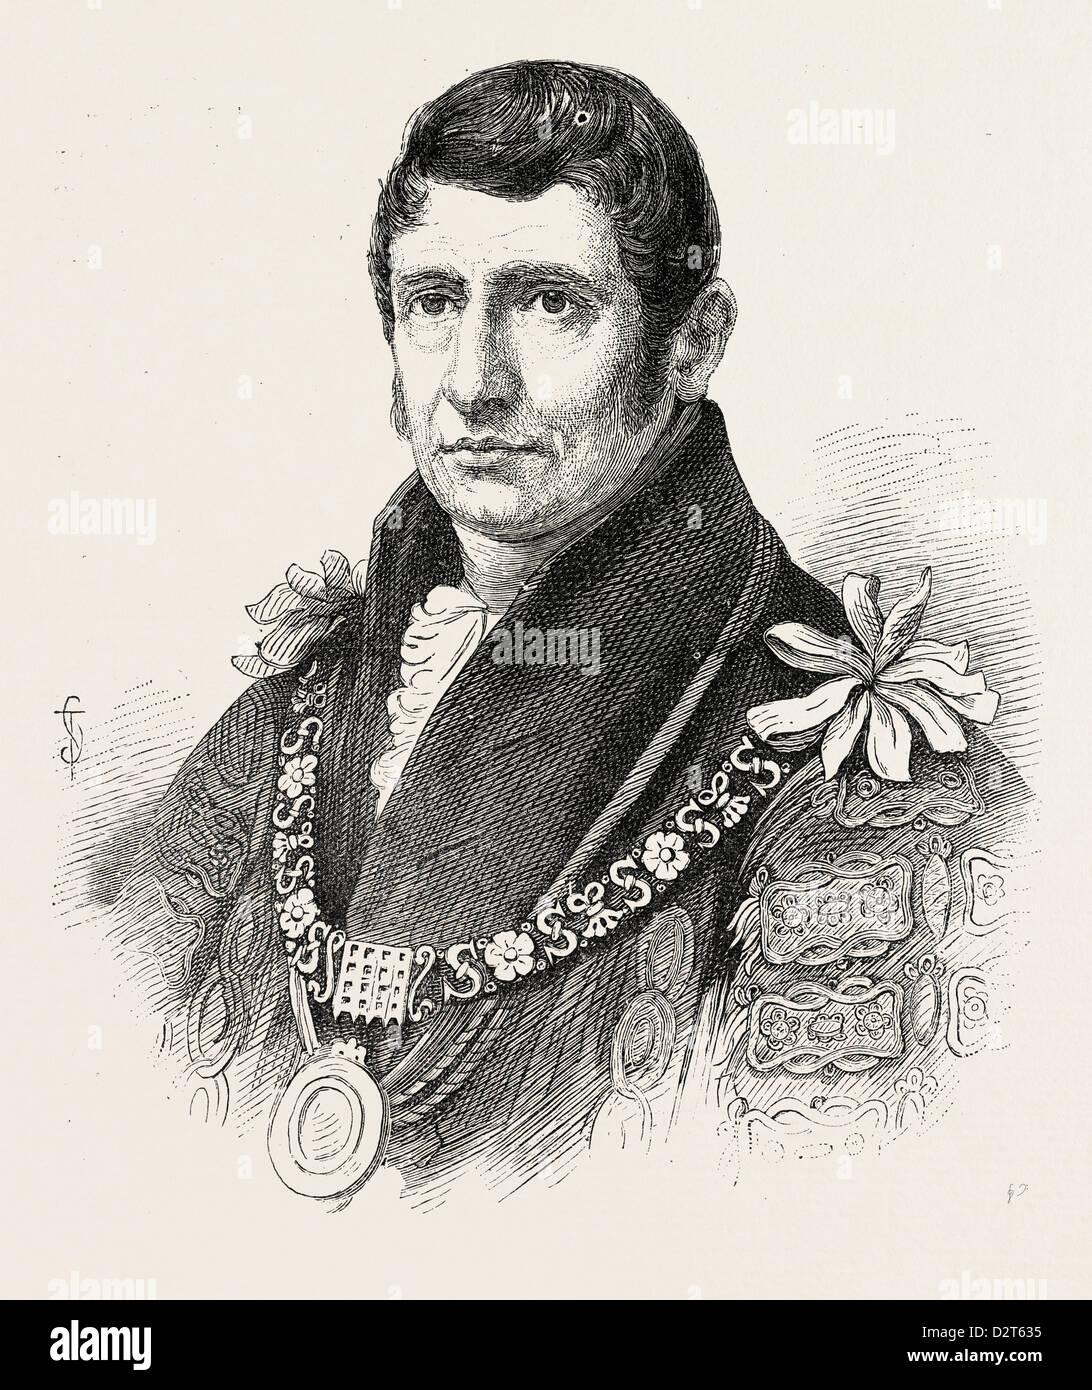 ALDERMAN WAITHMAN FROM AN AUTHENTIC PORTRAIT - Stock Image